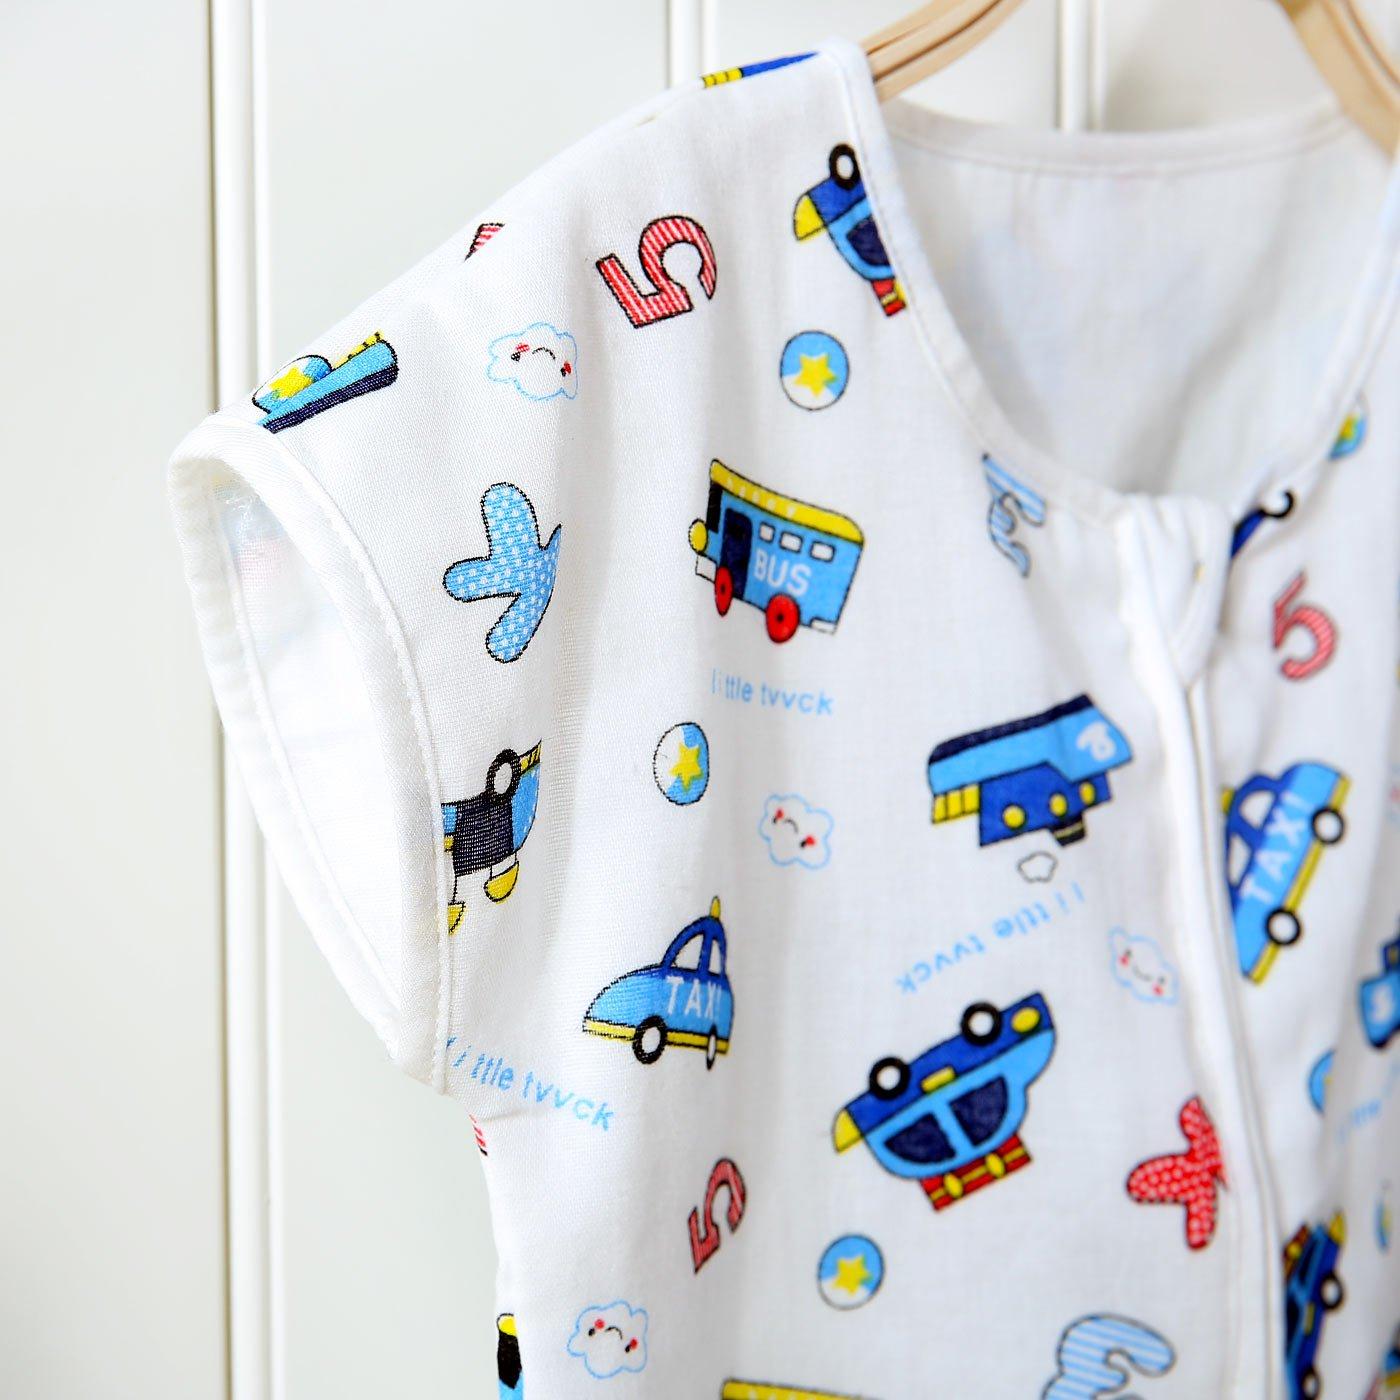 cd93035588af6 FEOYA Gigoteuse à Pied Bébé Manches Courtes Combinaison Fille Garçon  Douillette Coton Pyjama Sac de Couchage Agrandir l'image